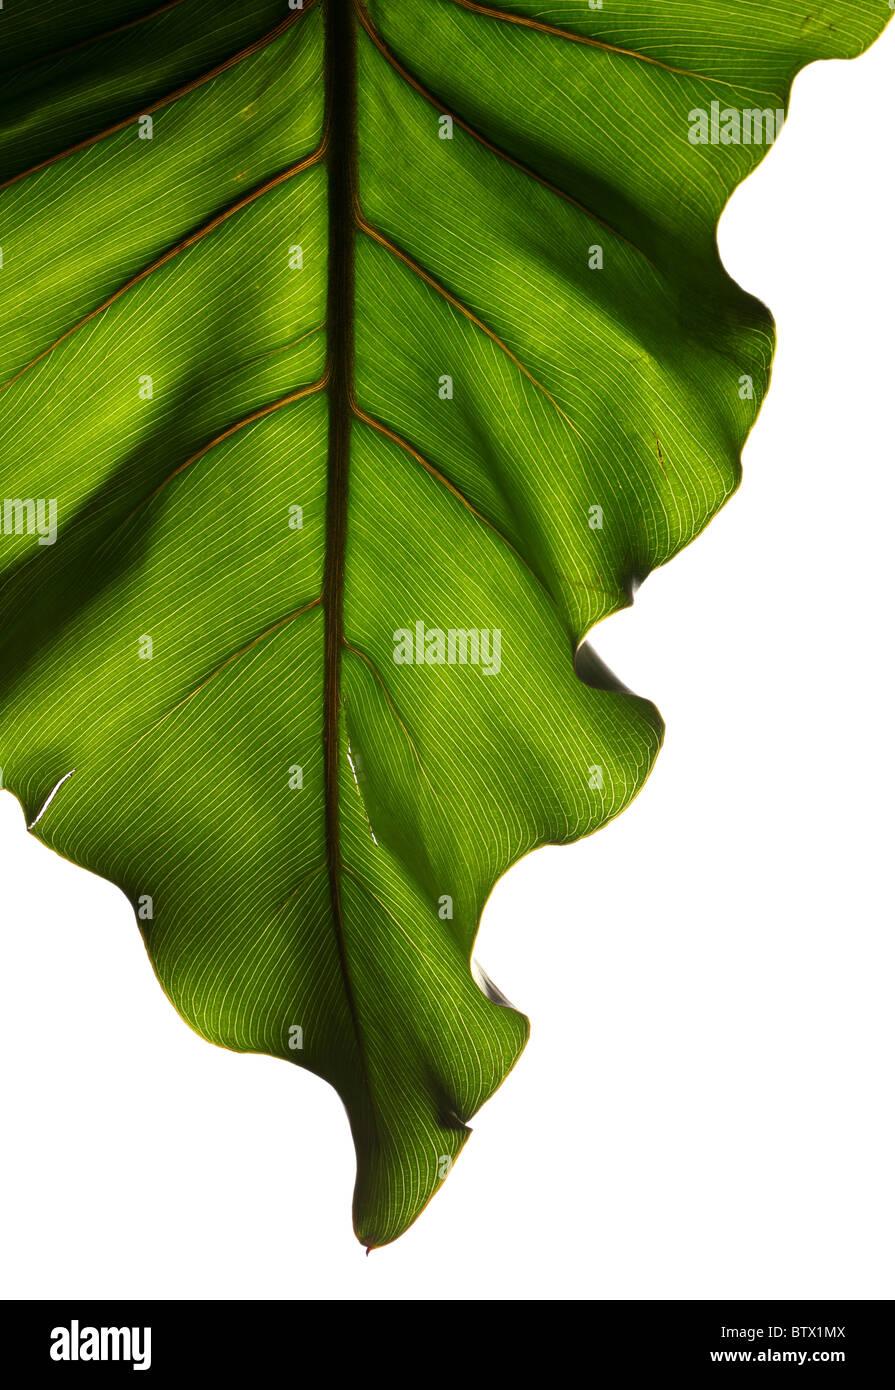 Des feuilles des plantes vertes avec une structure forte sur un fond blanc Photo Stock